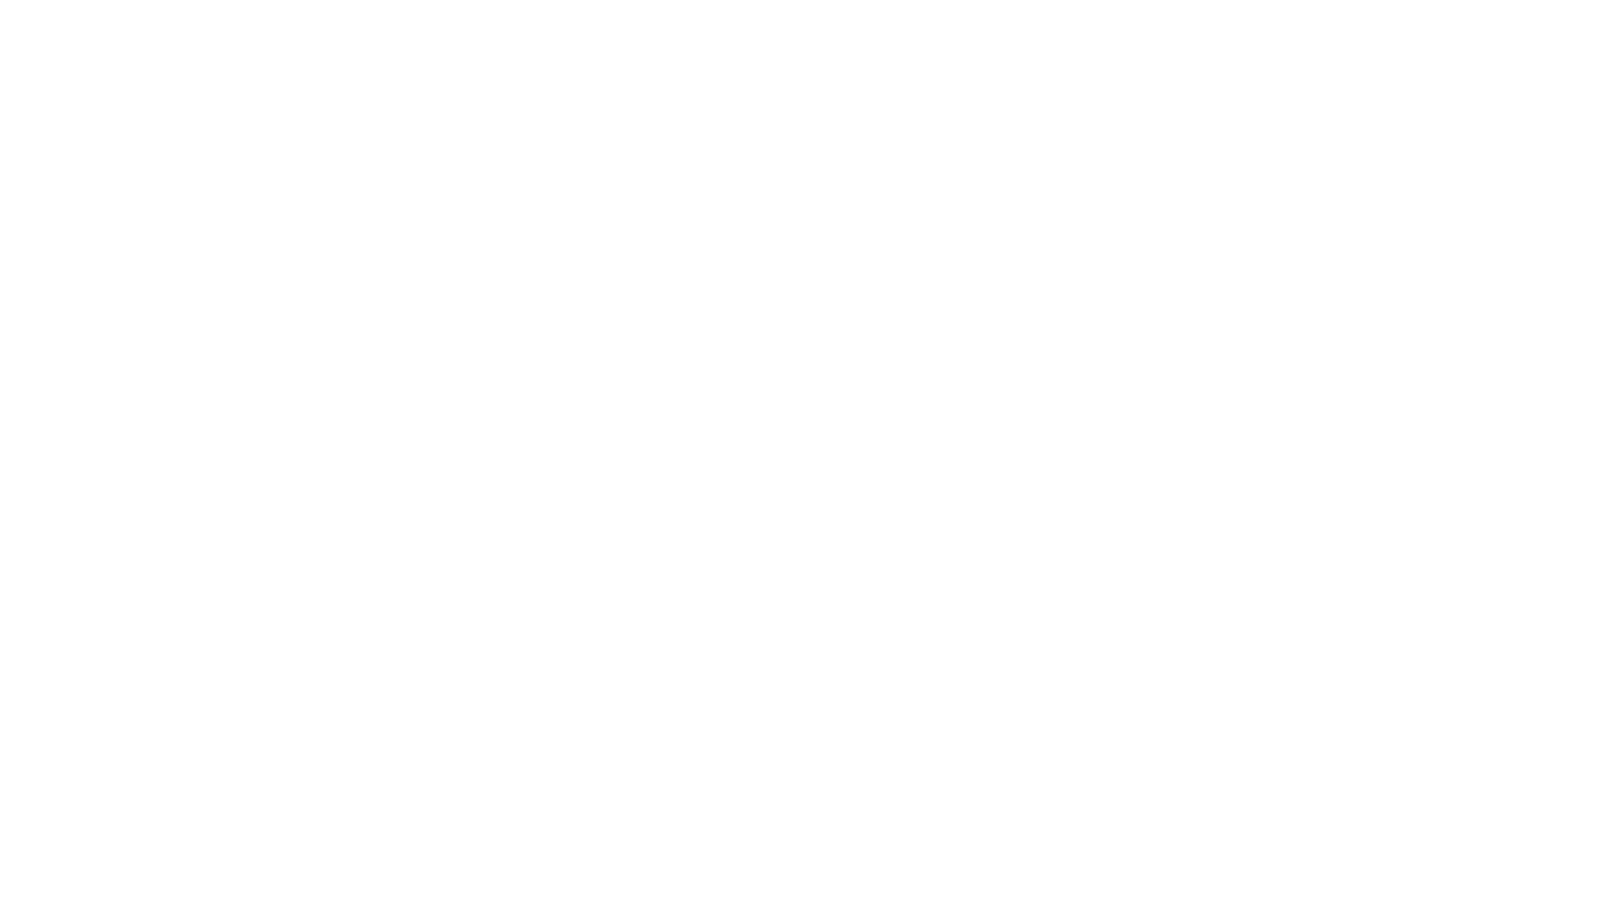 A última live da série de Castração. Abordando o tema : Contrato de Castração! Vamos fazer um bate papo com 3, isso mesmo 3 especialistas na área!  Ariádine Dziura Advogada, especialista em Direito Civil, Empresarial e Processo Civil, e Professora Tutora do Curso Damásio  Sofia Dziura Advogada especialista em Direito Constitucional, Administrativo e atuante na área do Direito do Consumidor.  Denis Borges Advogado especialista em direito do consumidor e e-commerce. Sócio do Costa Borges Advogados  Mediação: Georgia Serodio Canil Georgia Serodio's Kennel